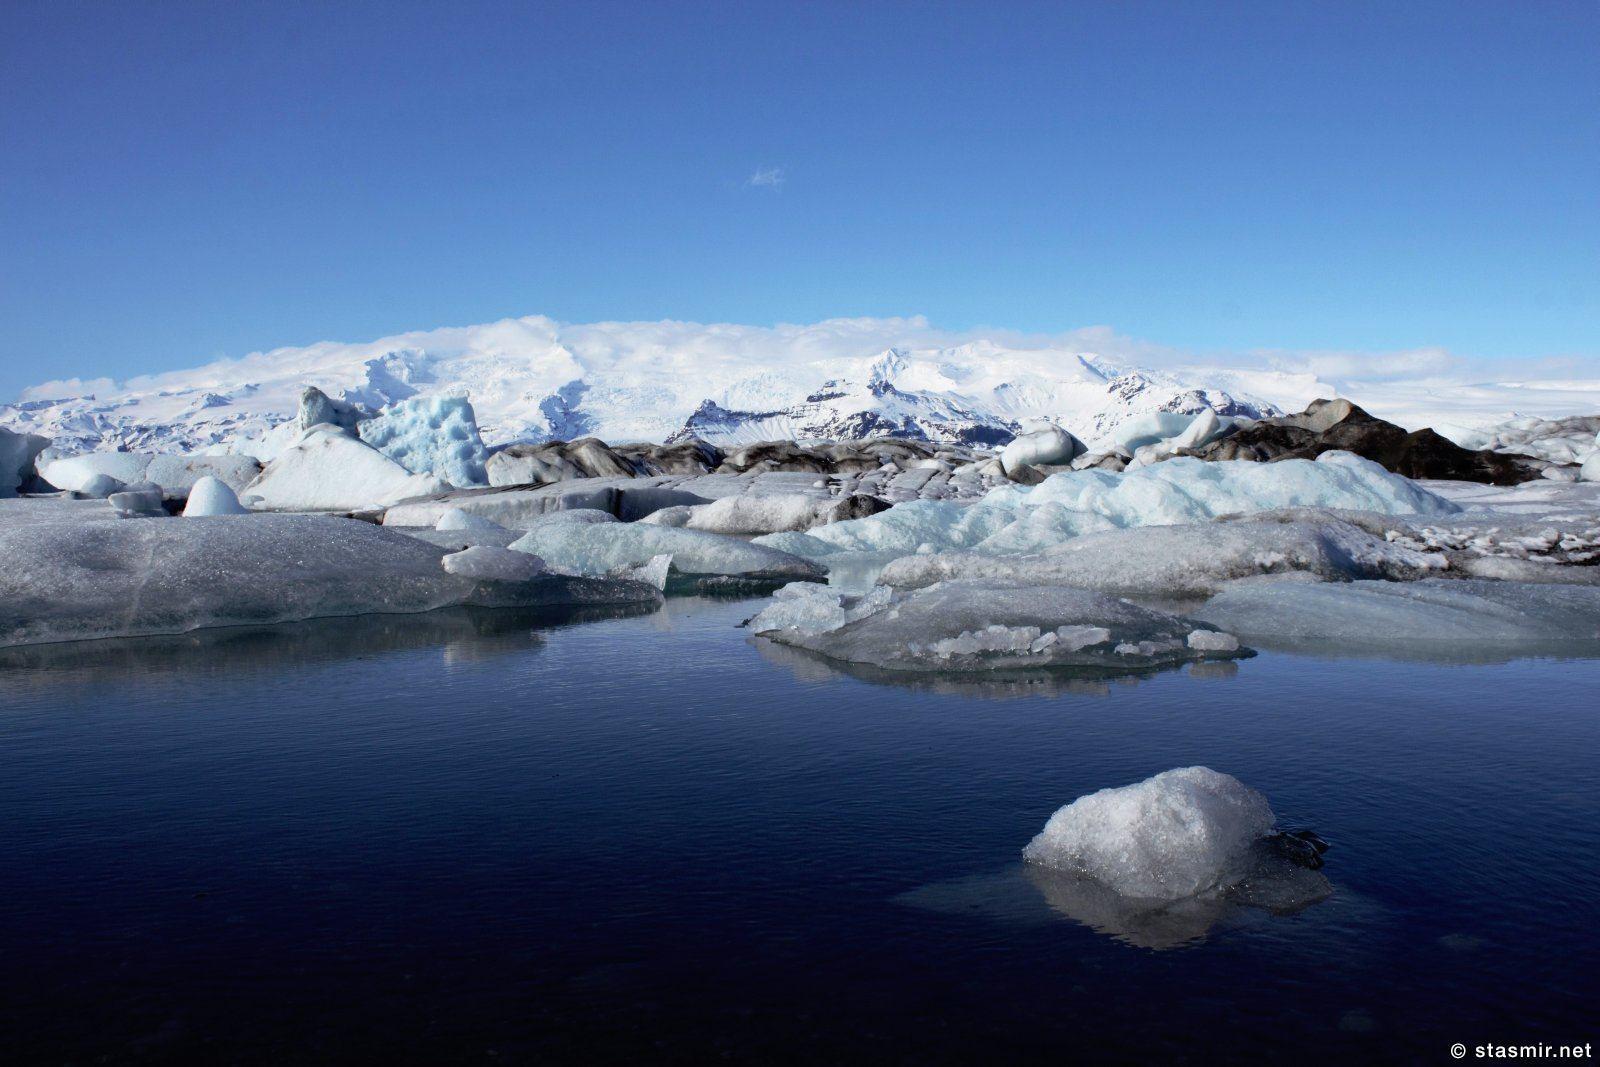 Glacier Lagoon, Jökulsárlón, Йёкюльсаурлоун, photo Stasmir, фото Стасмир